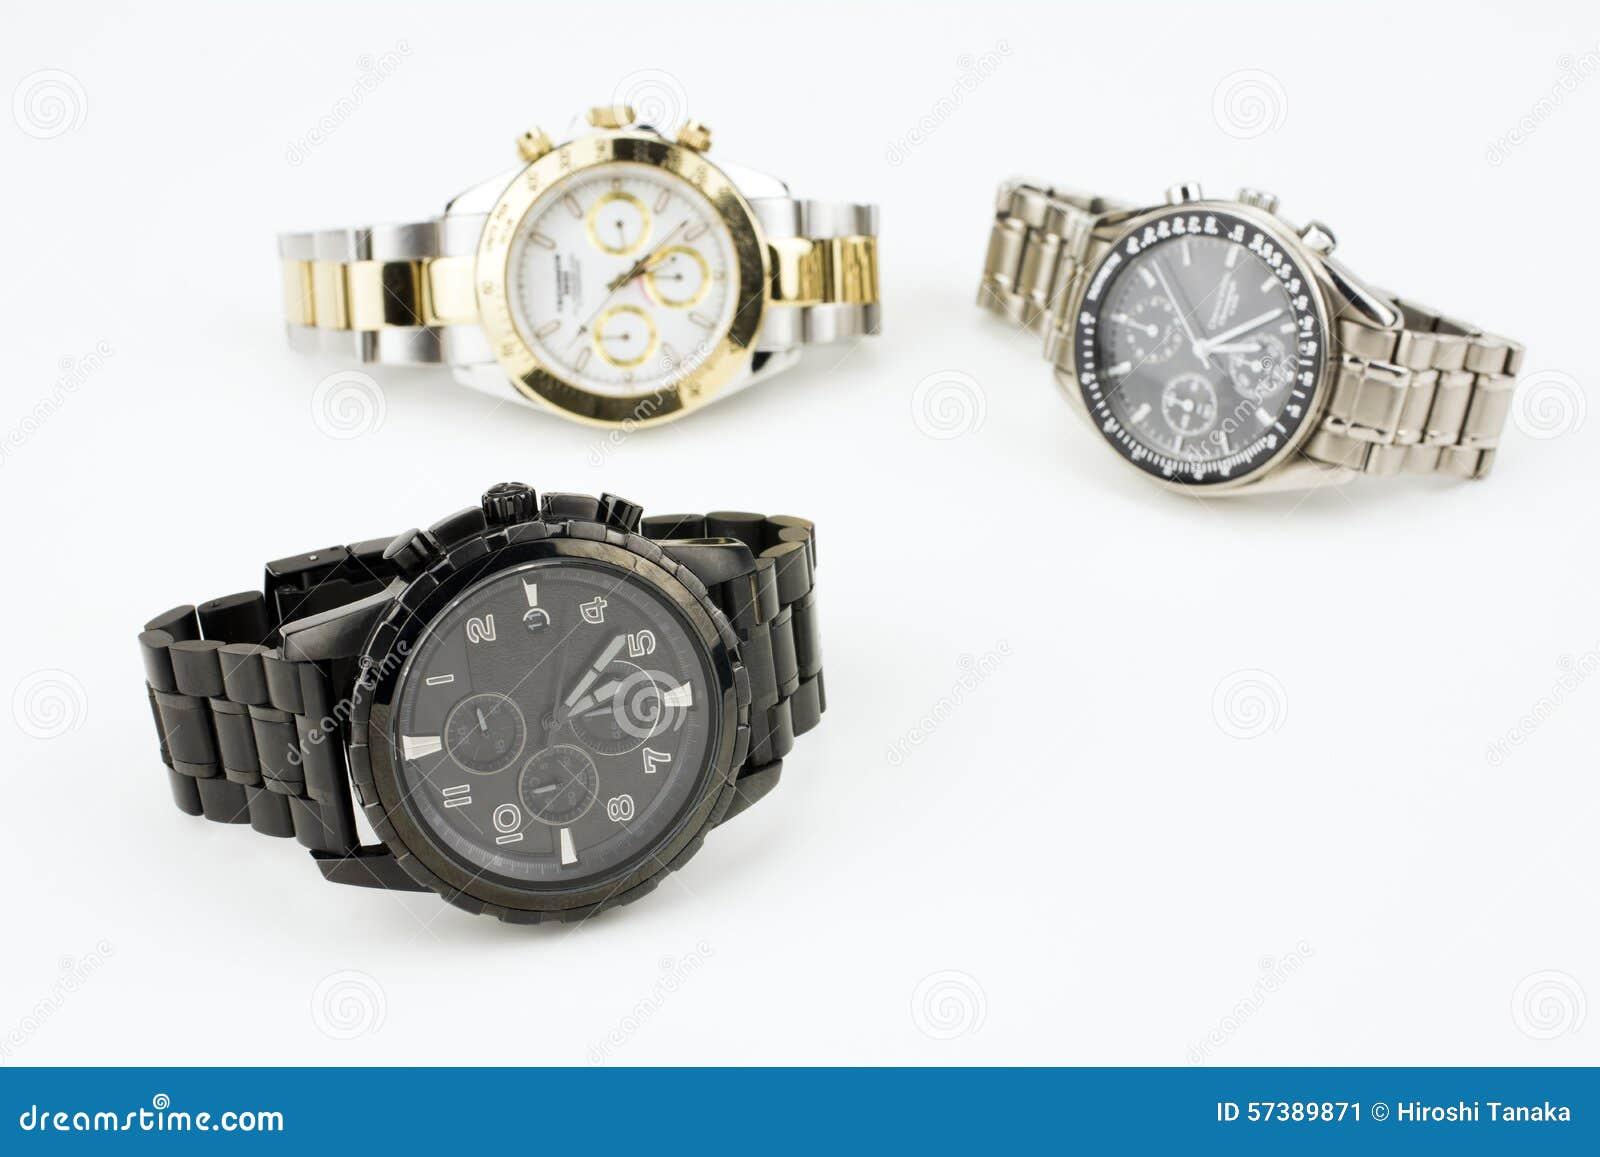 Chronograafhorloges